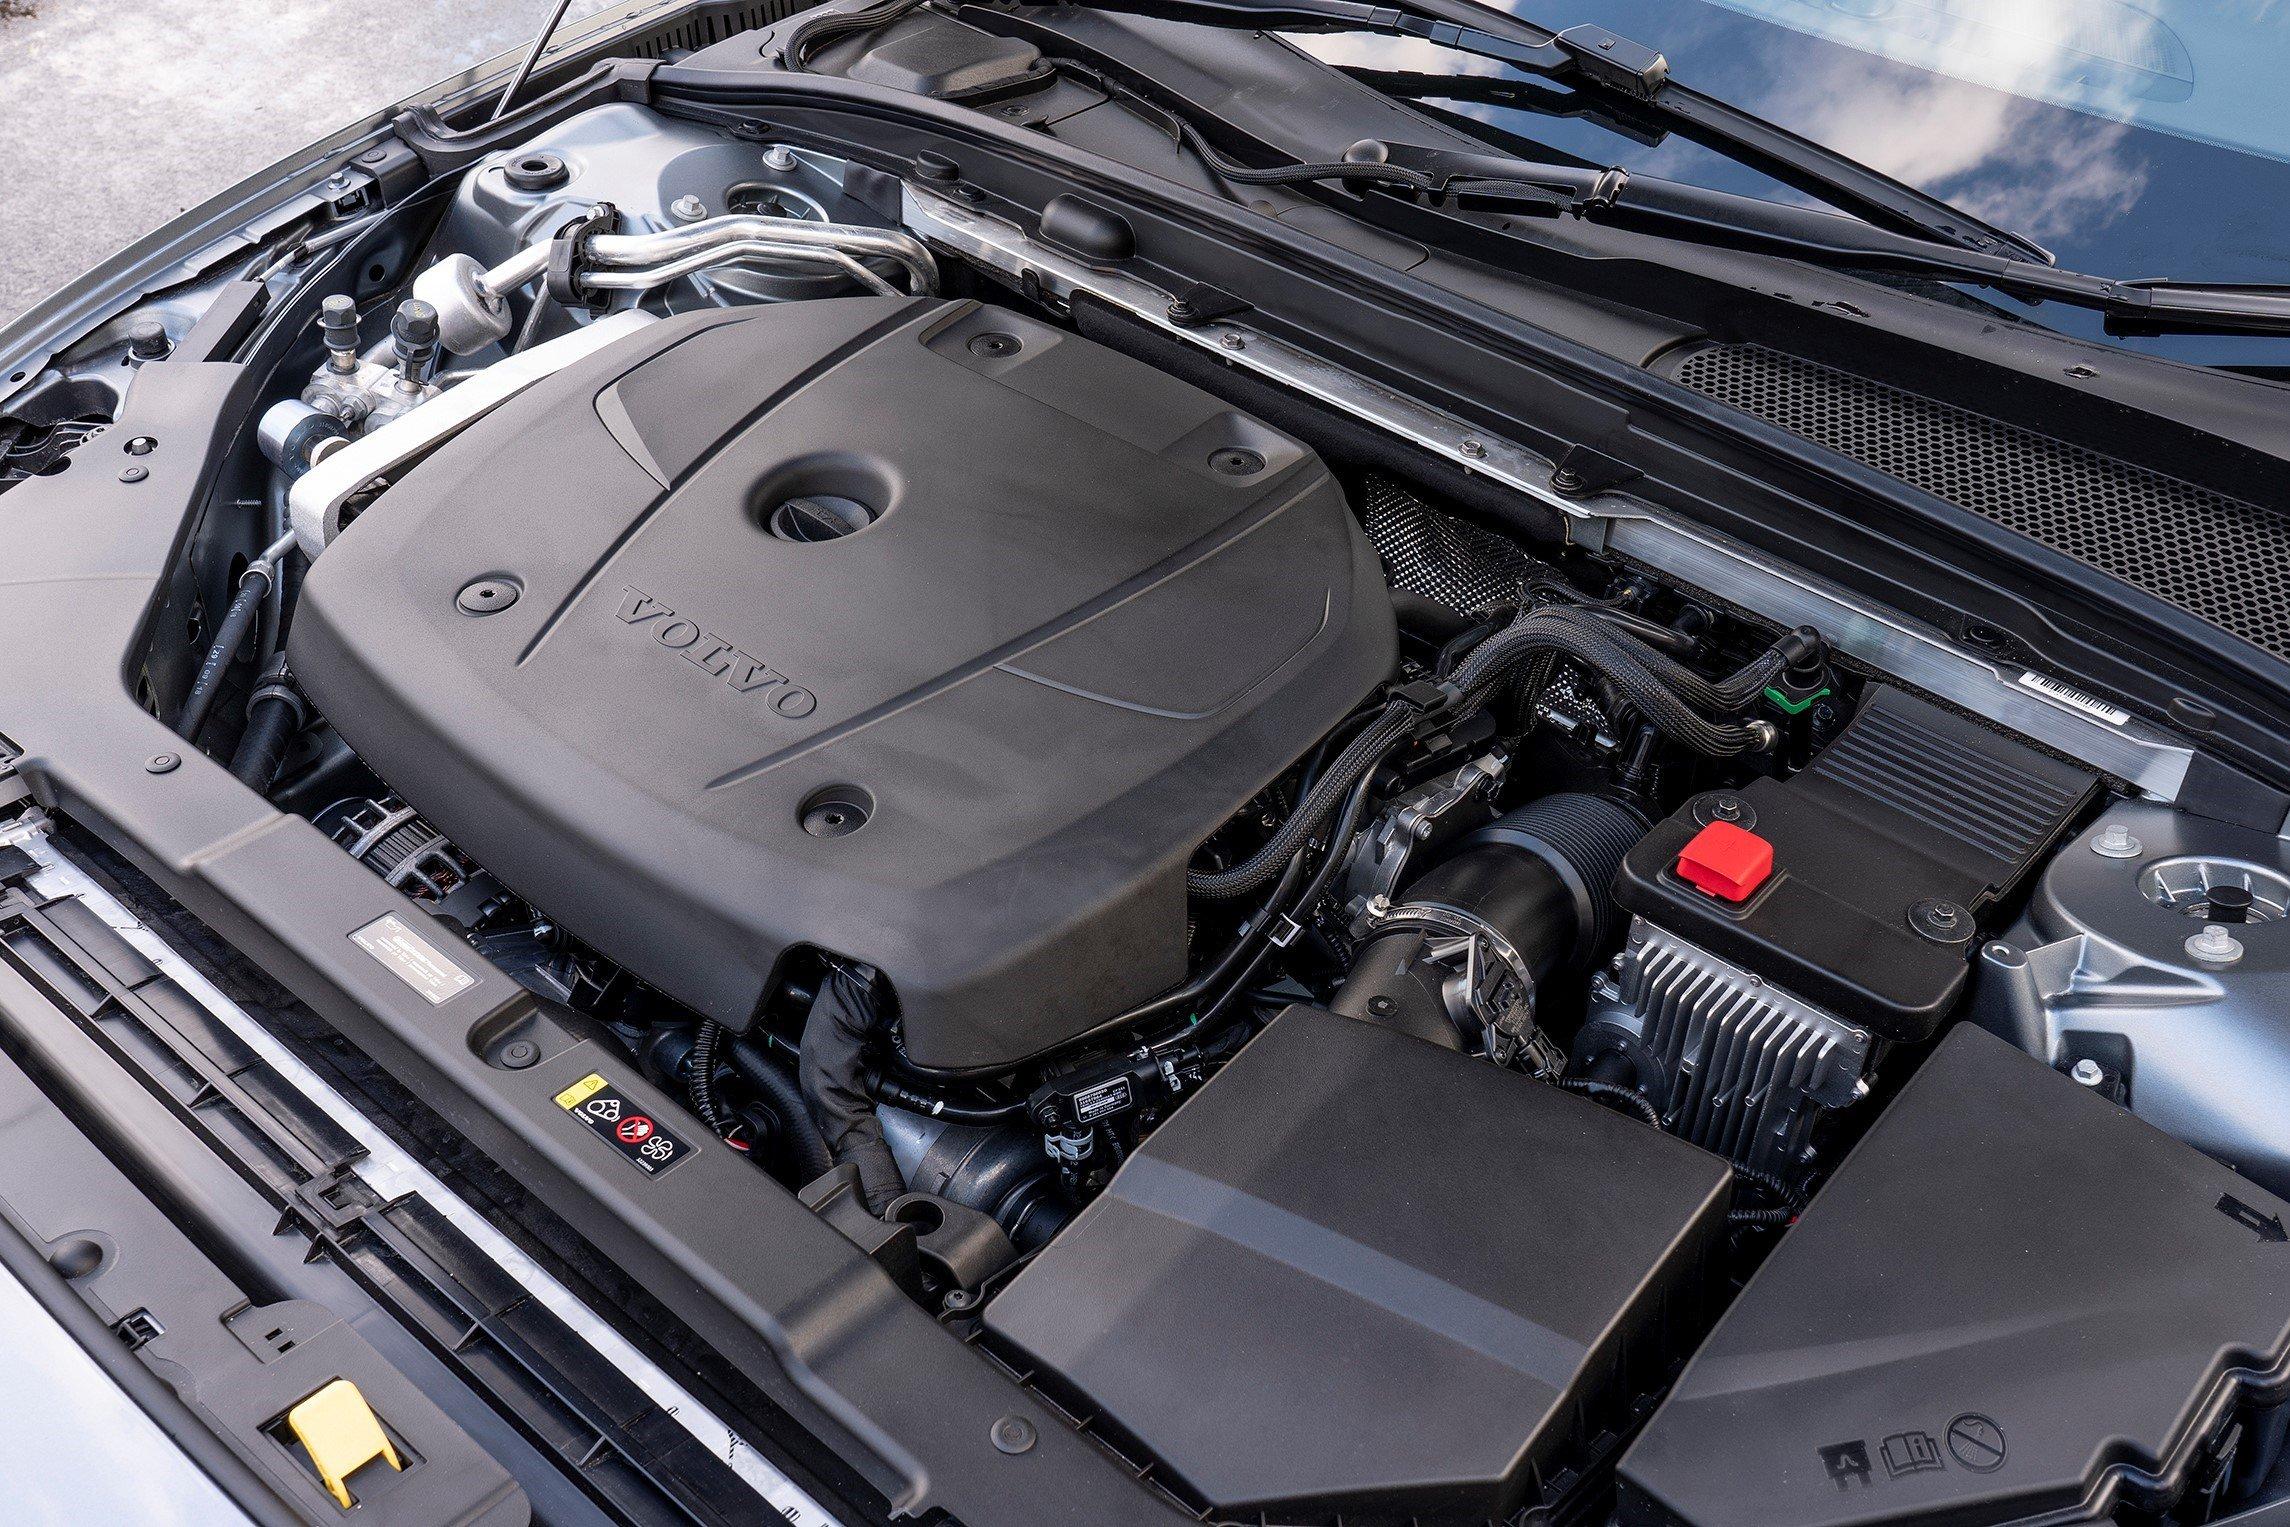 2019 Volvo S60 T5 engine bay